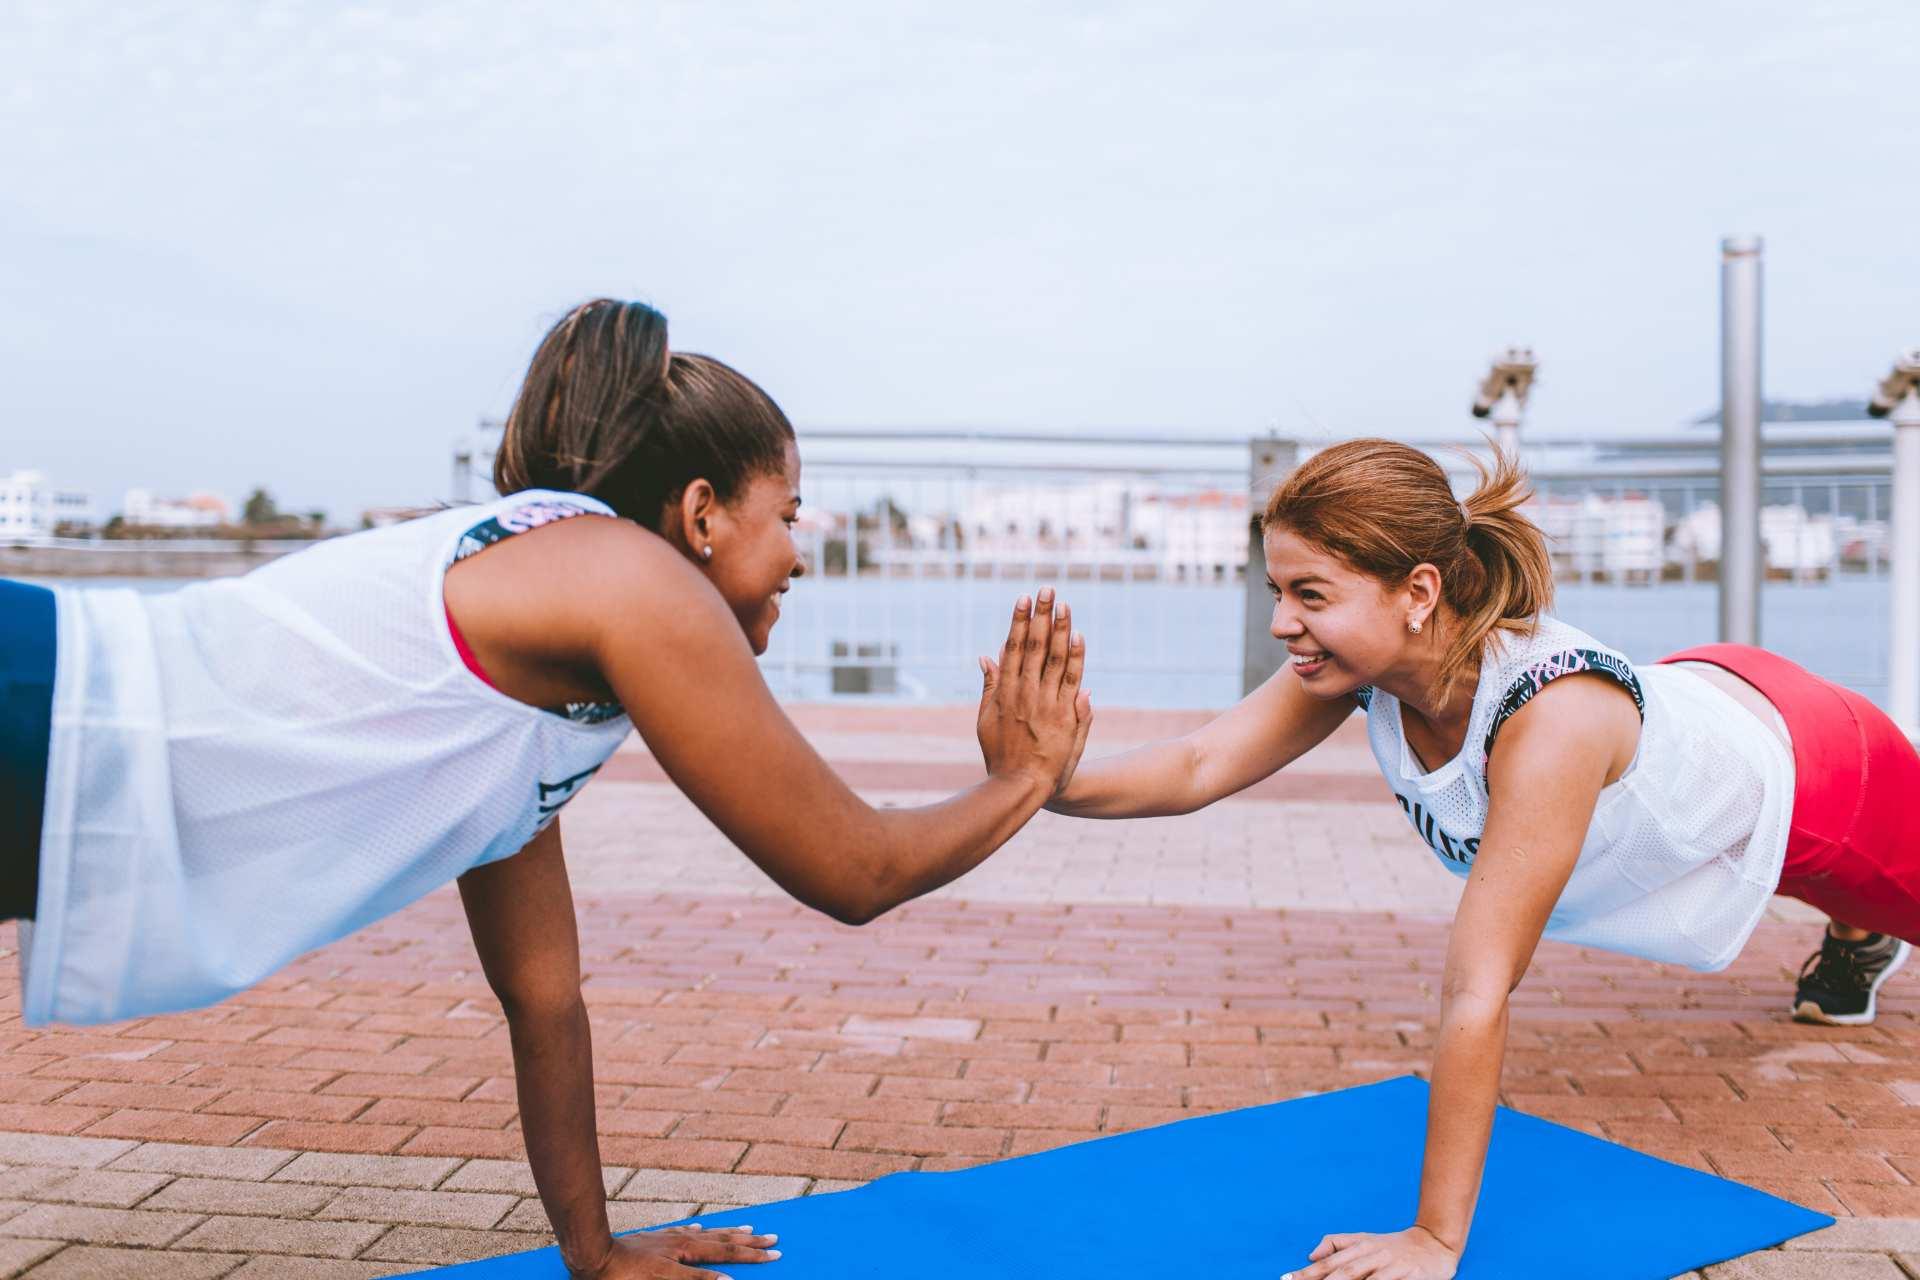 Zwei Frauen machen Liegestütz und Handklatsch